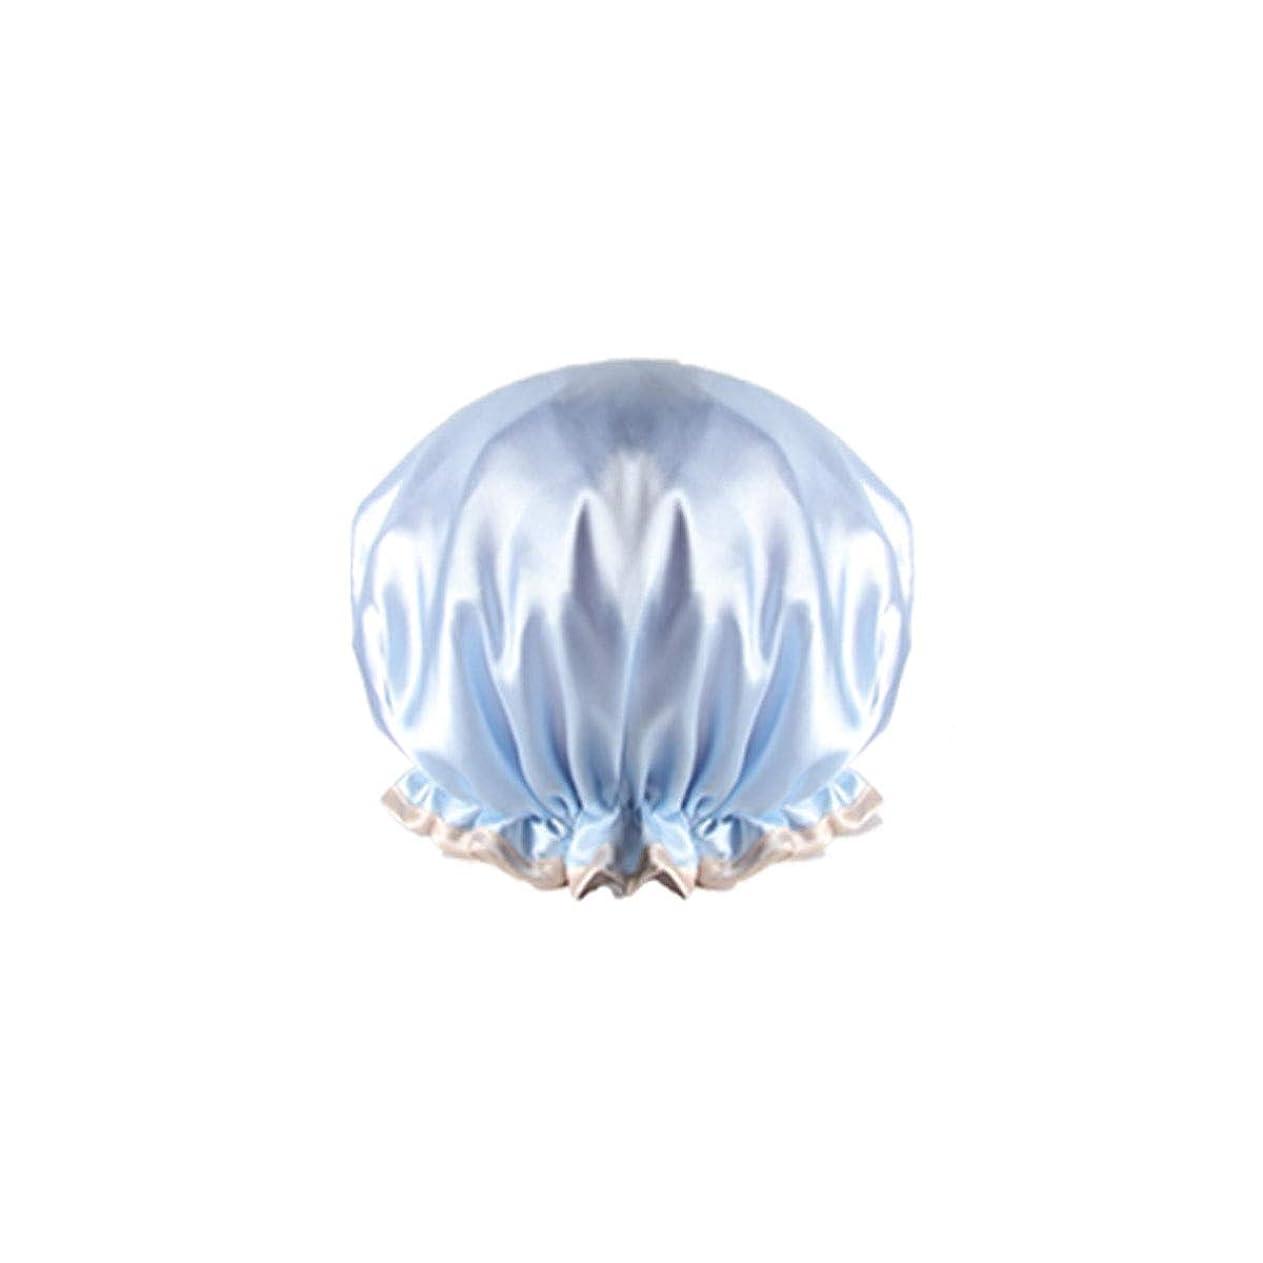 初心者リクルート急襲XIONGHAIZI シャワーキャップ、防水成人女性用シャワーキャップ、入浴用キッチンフード、シャワーキャップ、ヘアスタイリングキャップ、防フードキャップ、ピンク、ブルー、シャンパン、パープル (Color : Blue)